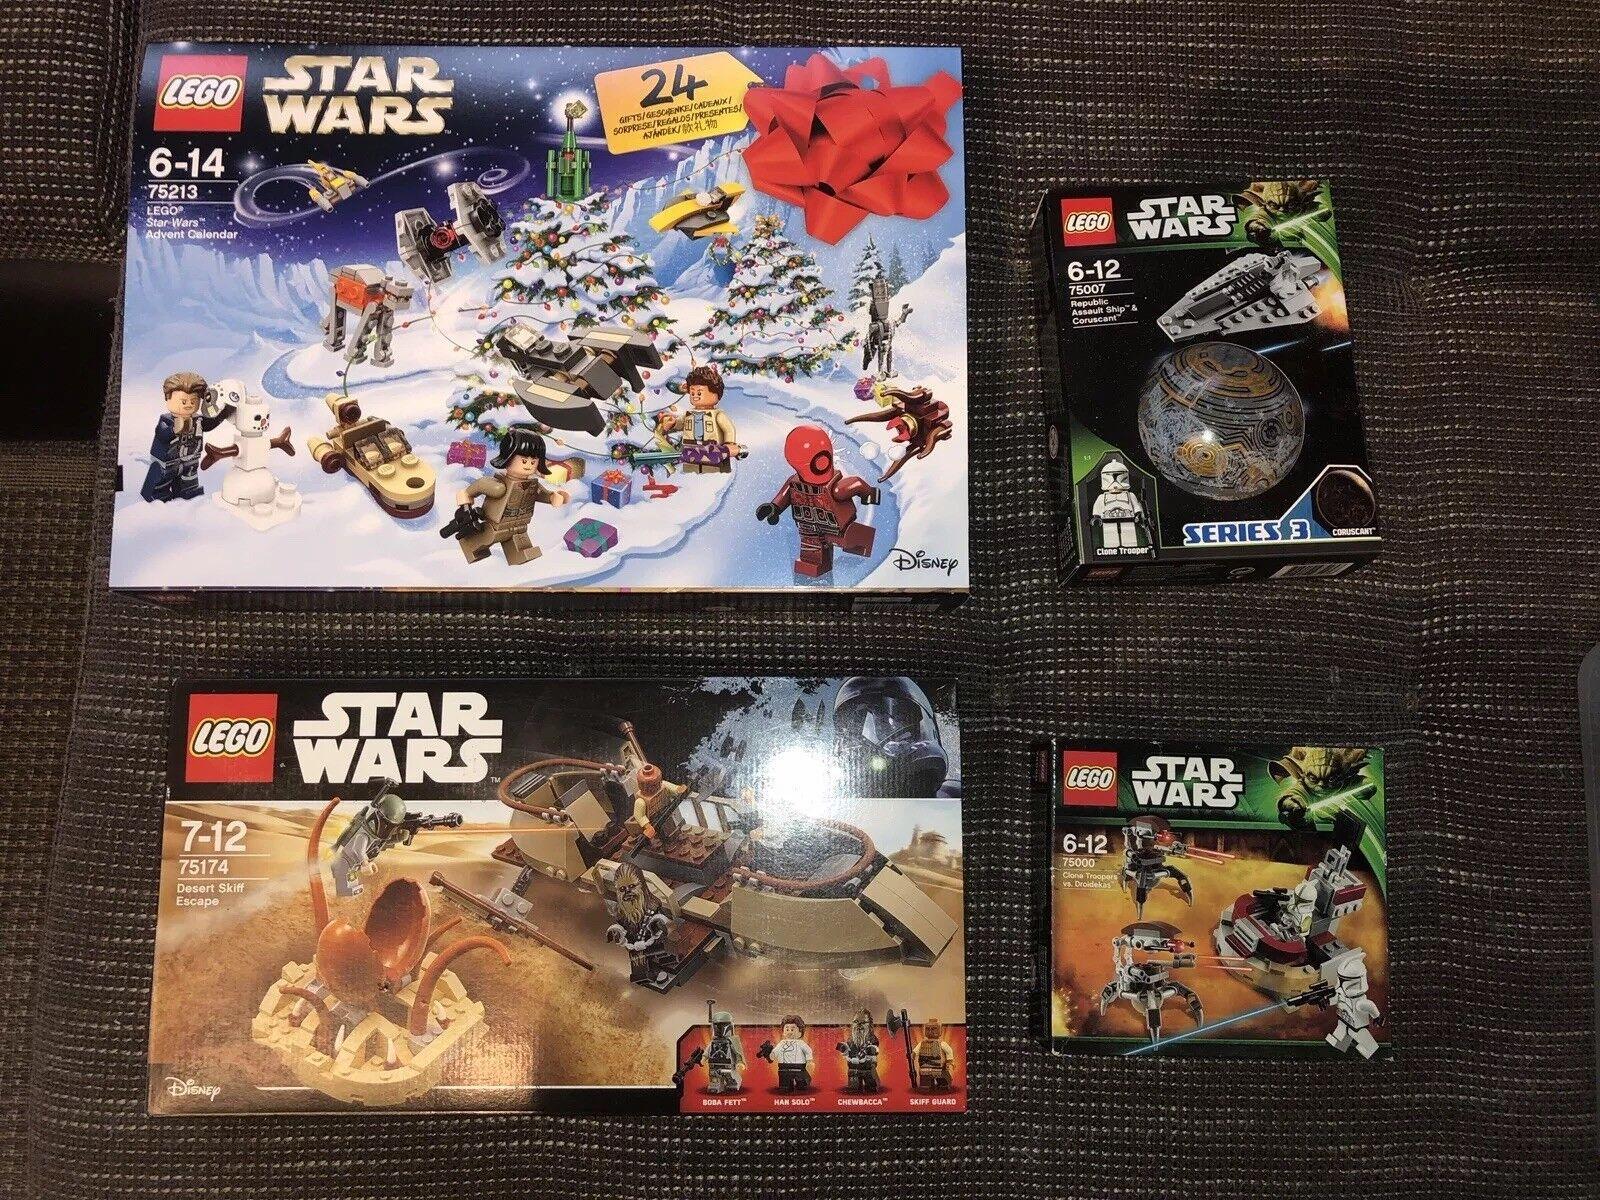 Lego Star Wars - NEU - Adventskalender 75213, 75174, 75007, 75000